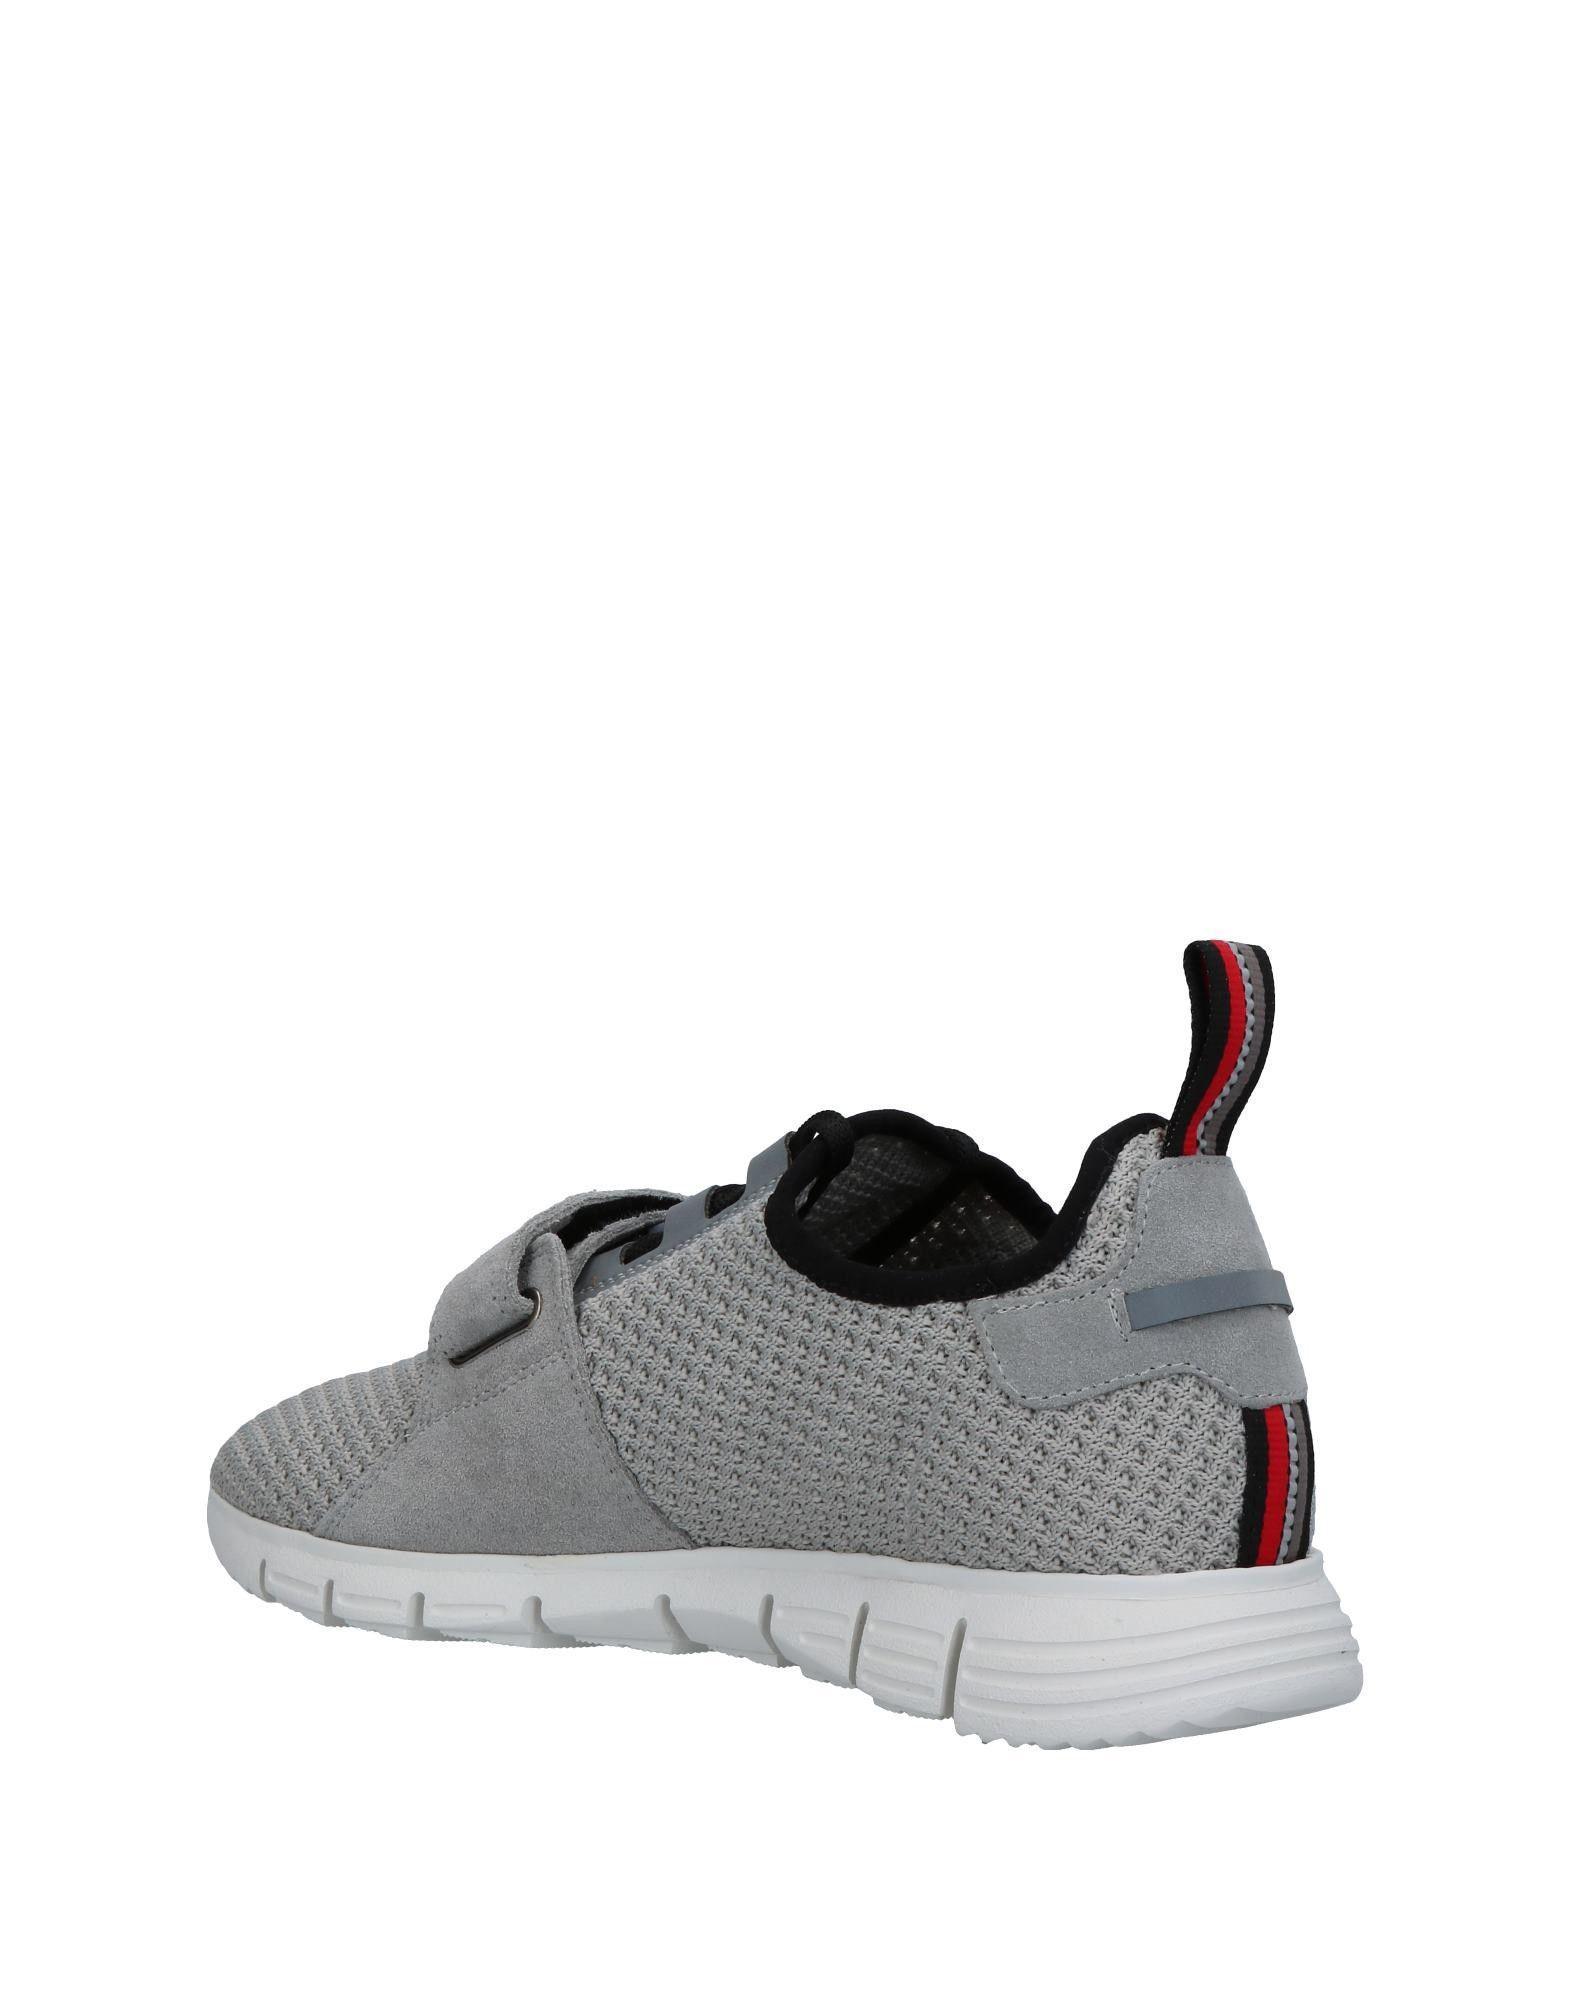 FOOTWEAR - Low-tops & sneakers Hydrogen LxVZyCvyLH